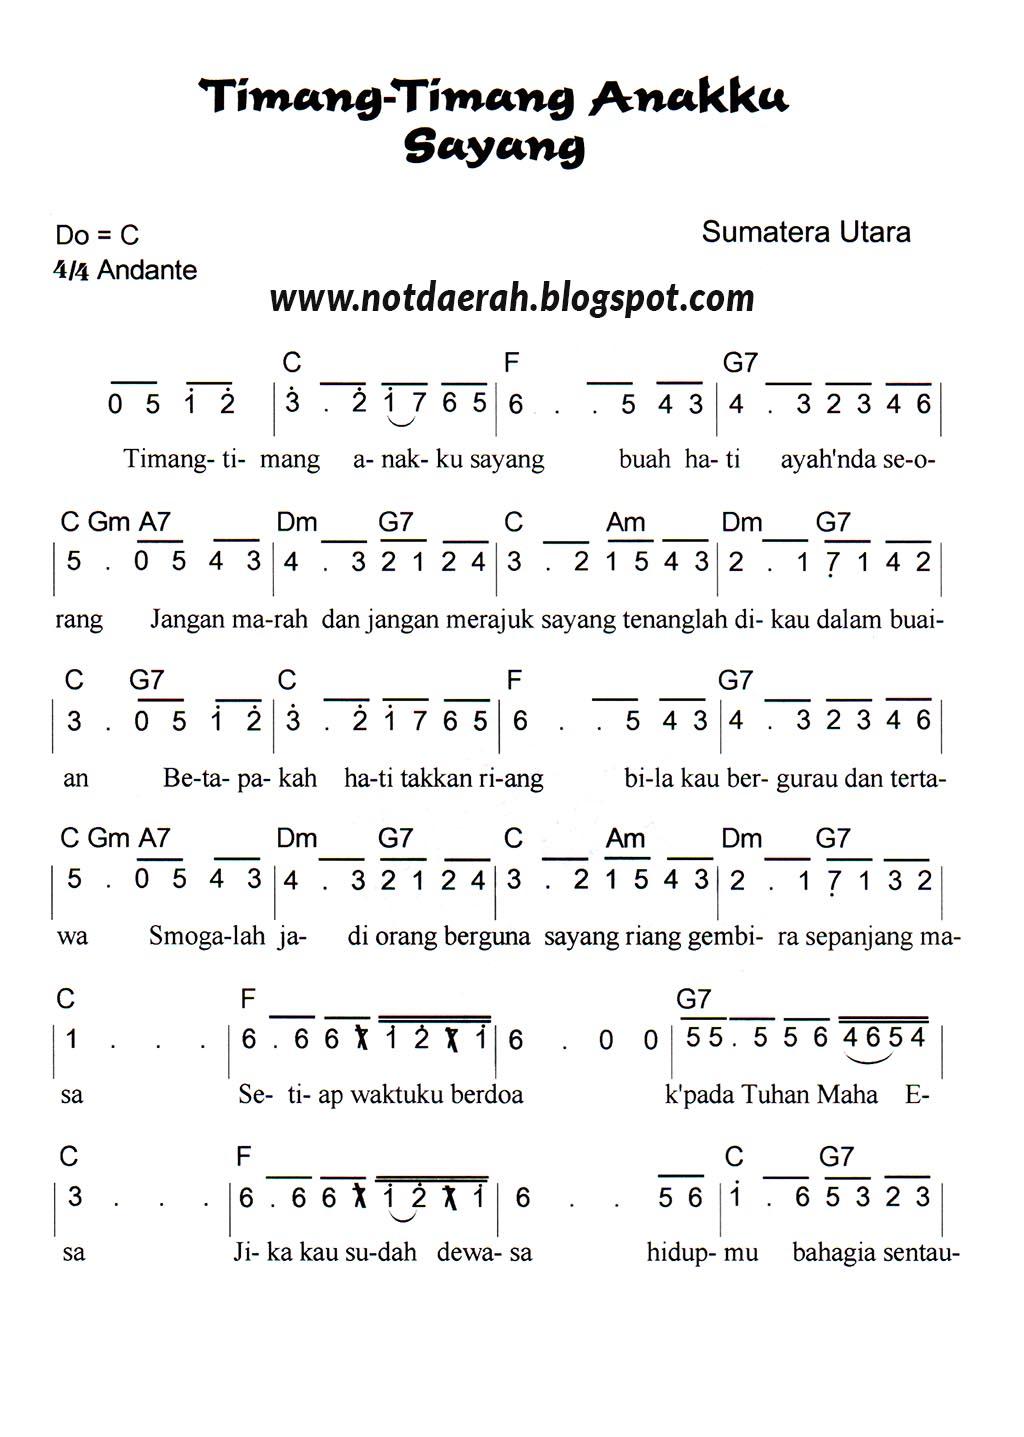 not angka timang timang anakku sayang   not angka lagu